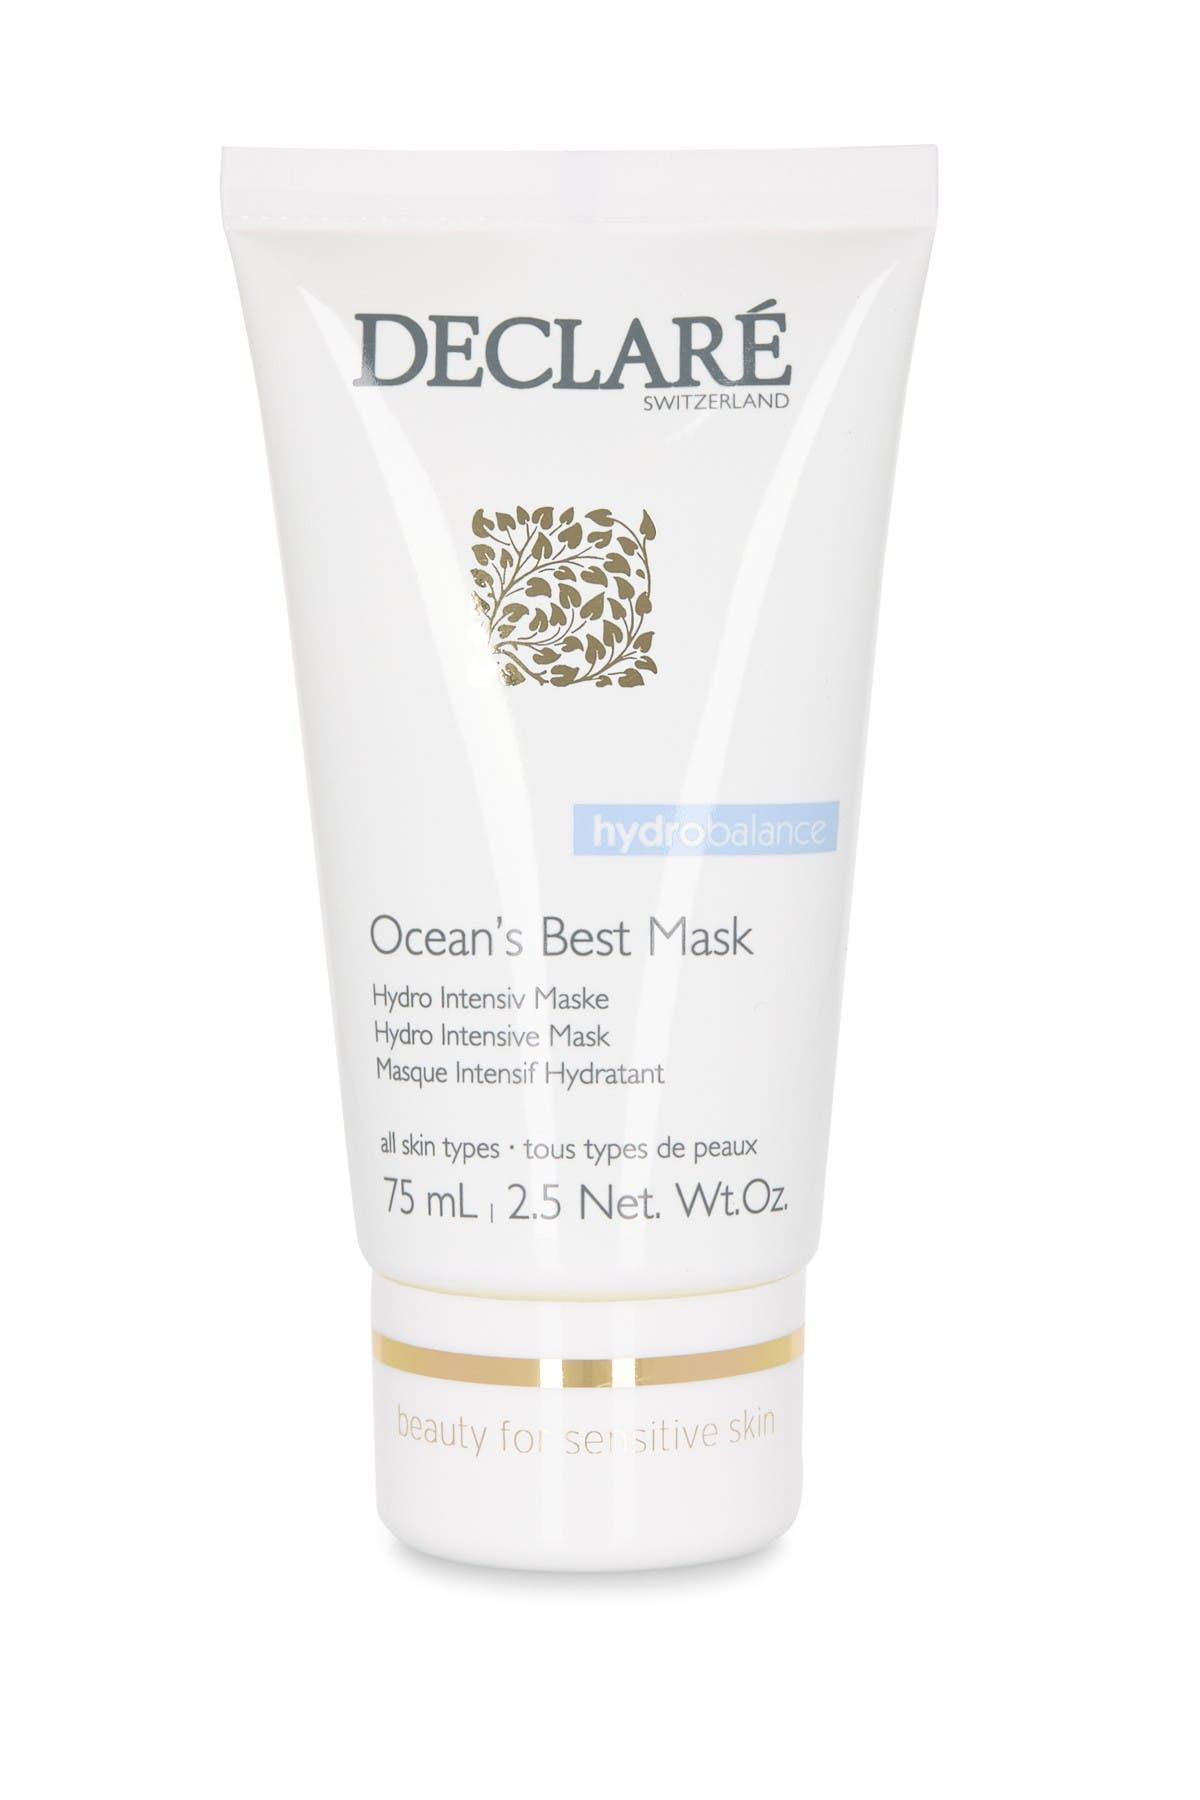 Image of DECLARE Ocean's Best Mask